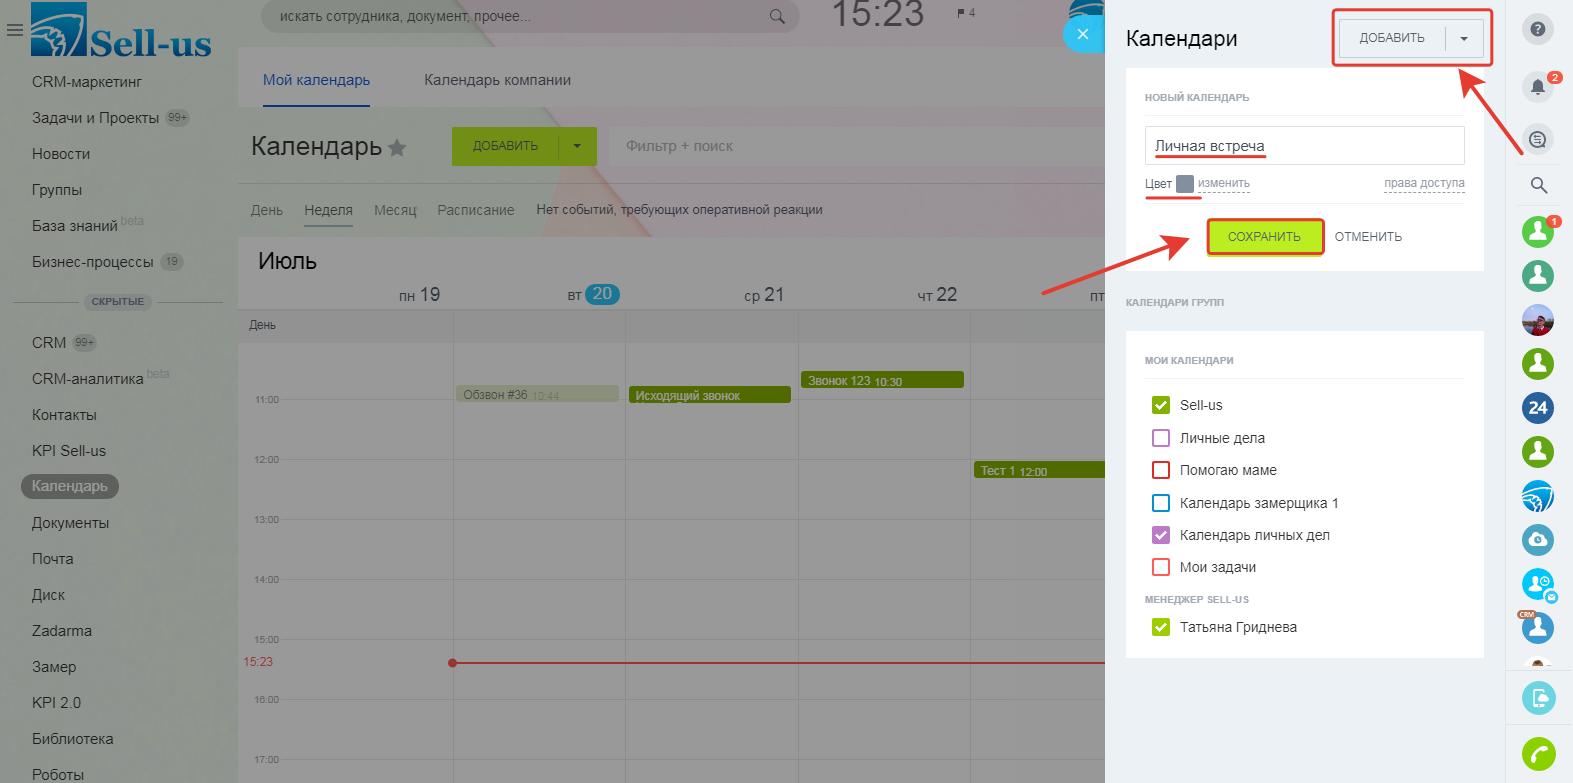 Календарь в Битрикс24. Постановка событий и синхронизация со сторонними сервисами 1